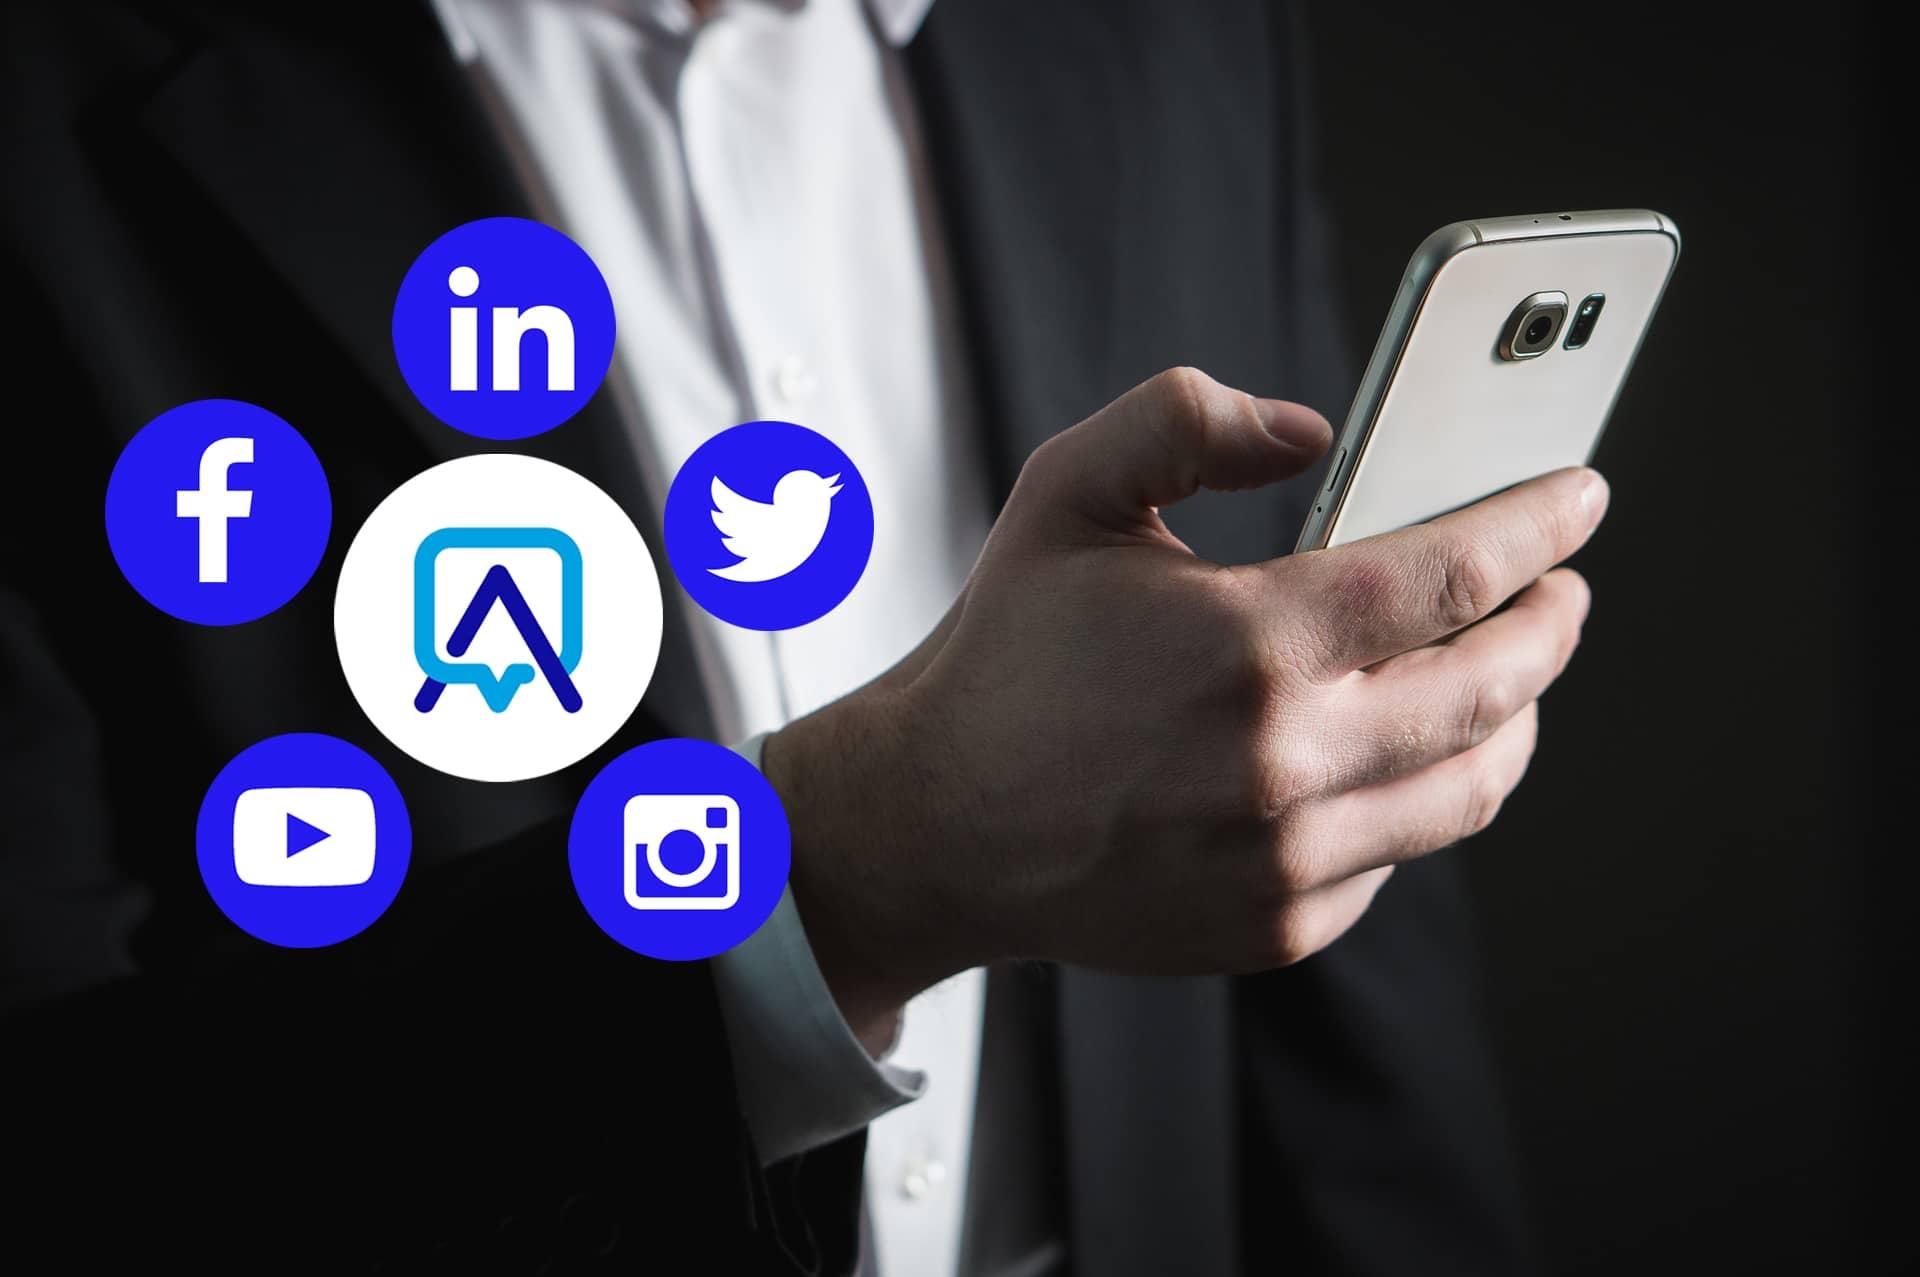 réseaux sociaux invivo